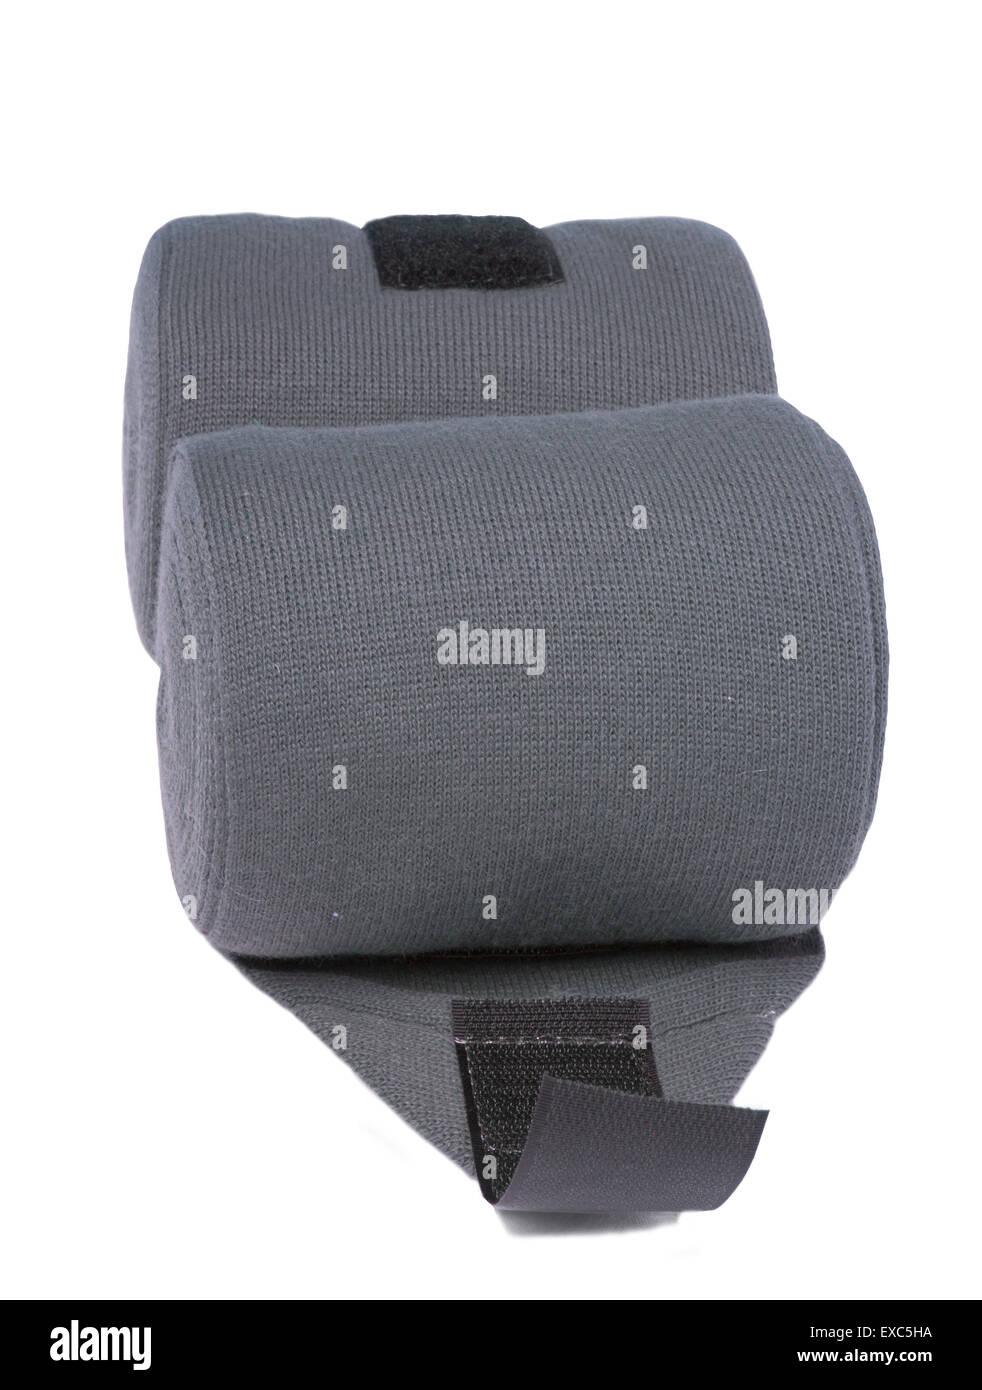 horse grey knitwear bandages isolated on white - Stock Image